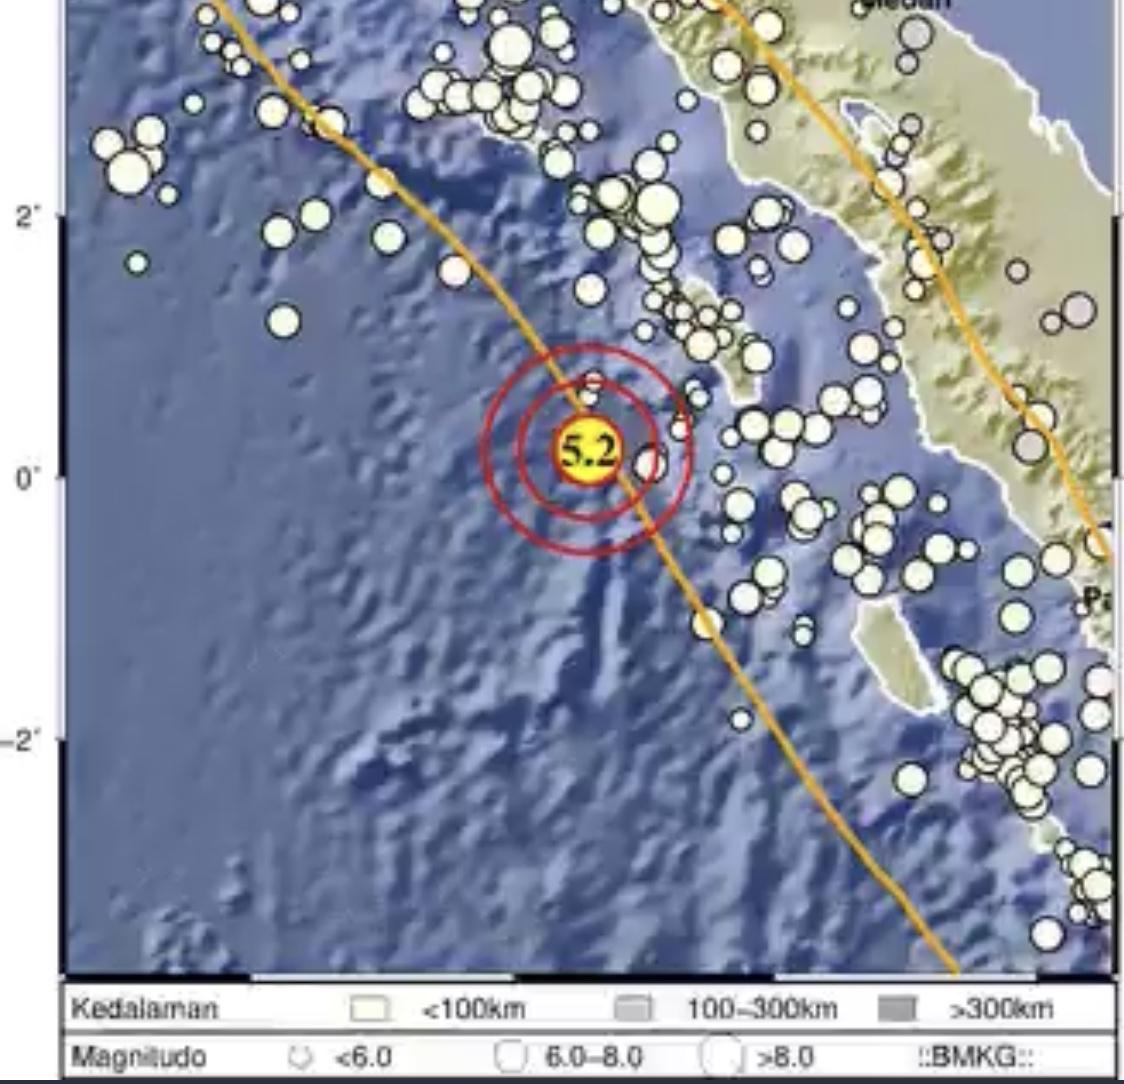 Gempa Nias Barat Dimutakhirkan Menjadi M 6,7, Gempa Susulan Berulang